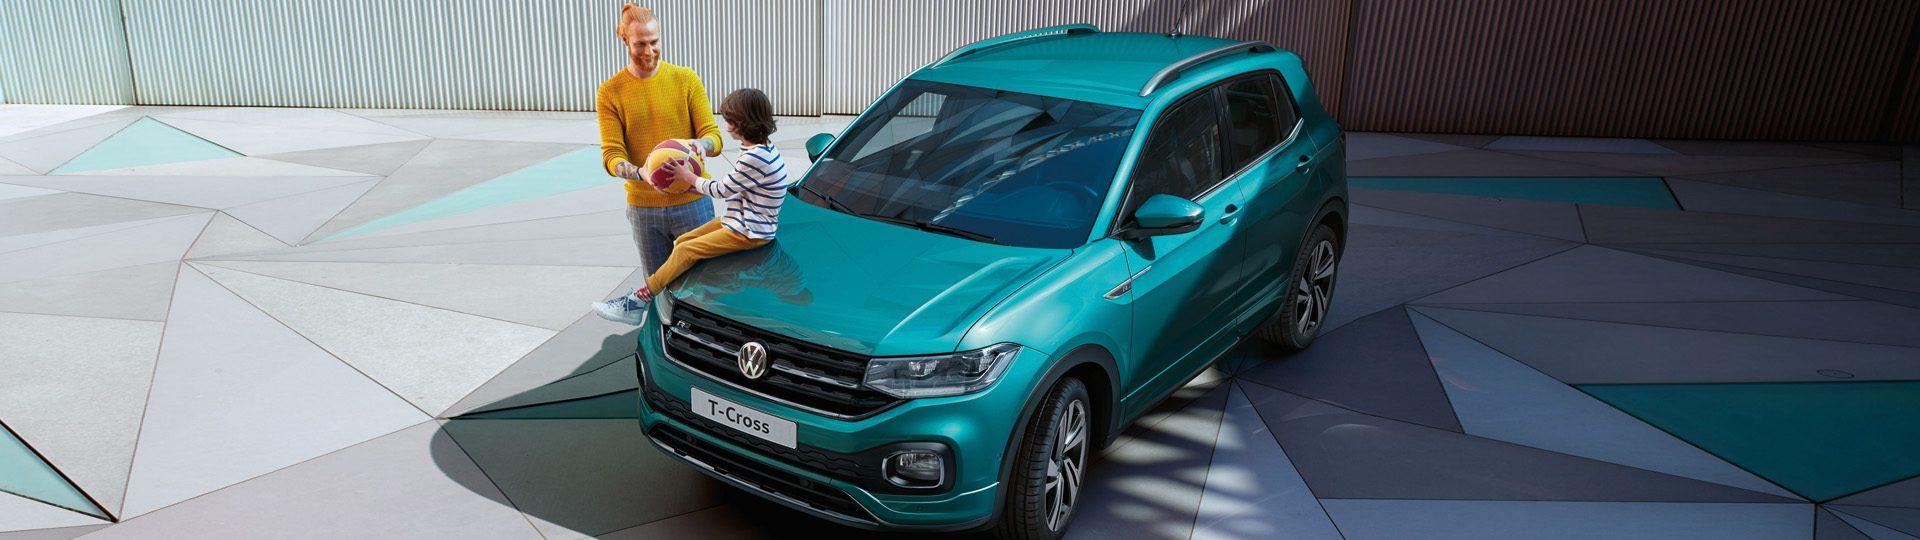 T-Cross Volkswagen: arriva il nuovo City Suv